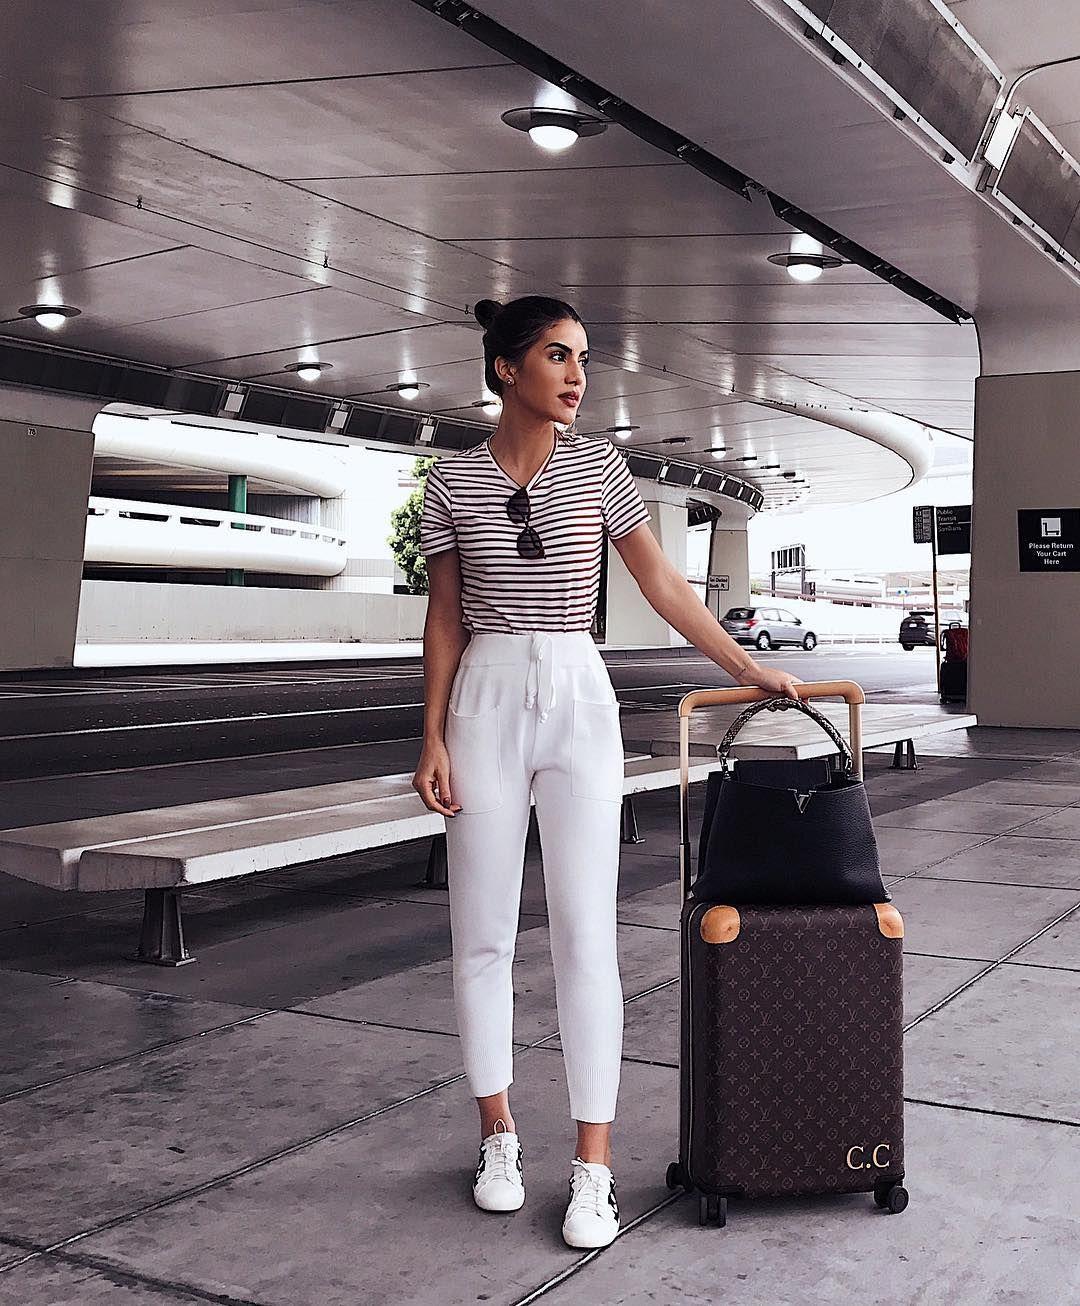 Cómo vestir (con estilo) para viajar según las que más